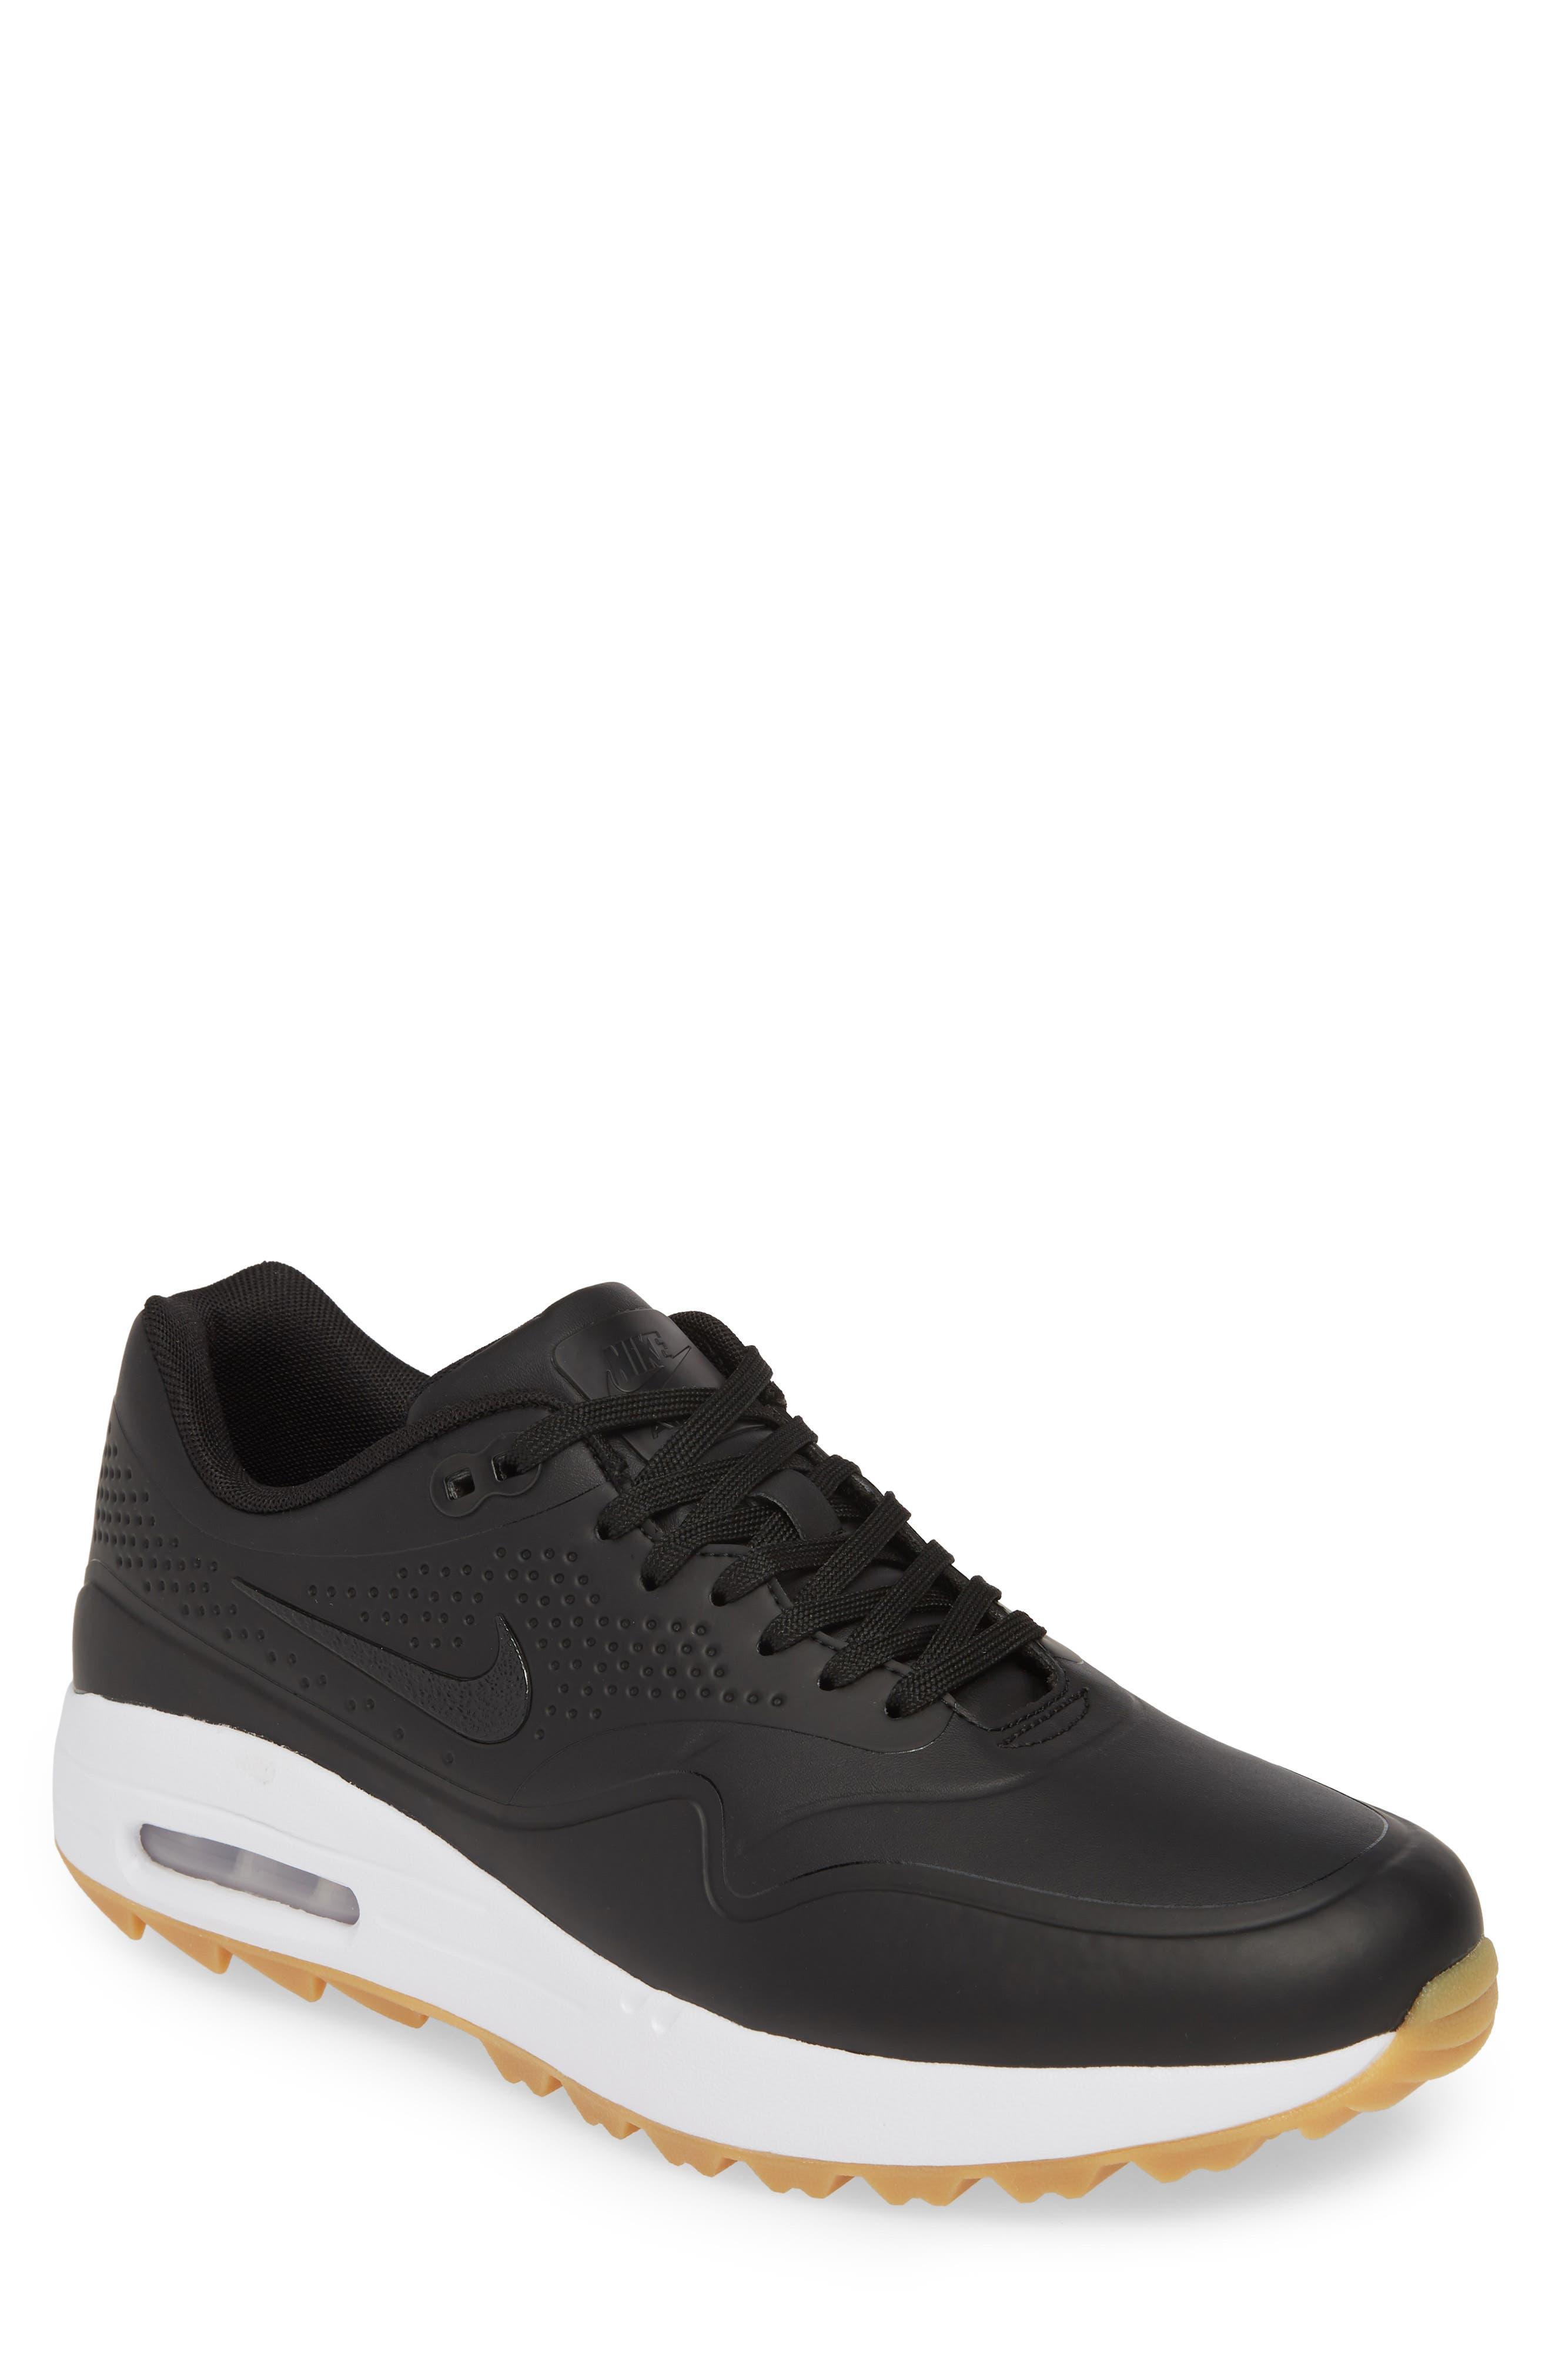 NIKE Air Max 1 Golf Sneaker, Main, color, BLACK/ GUM LIGHT BROWN